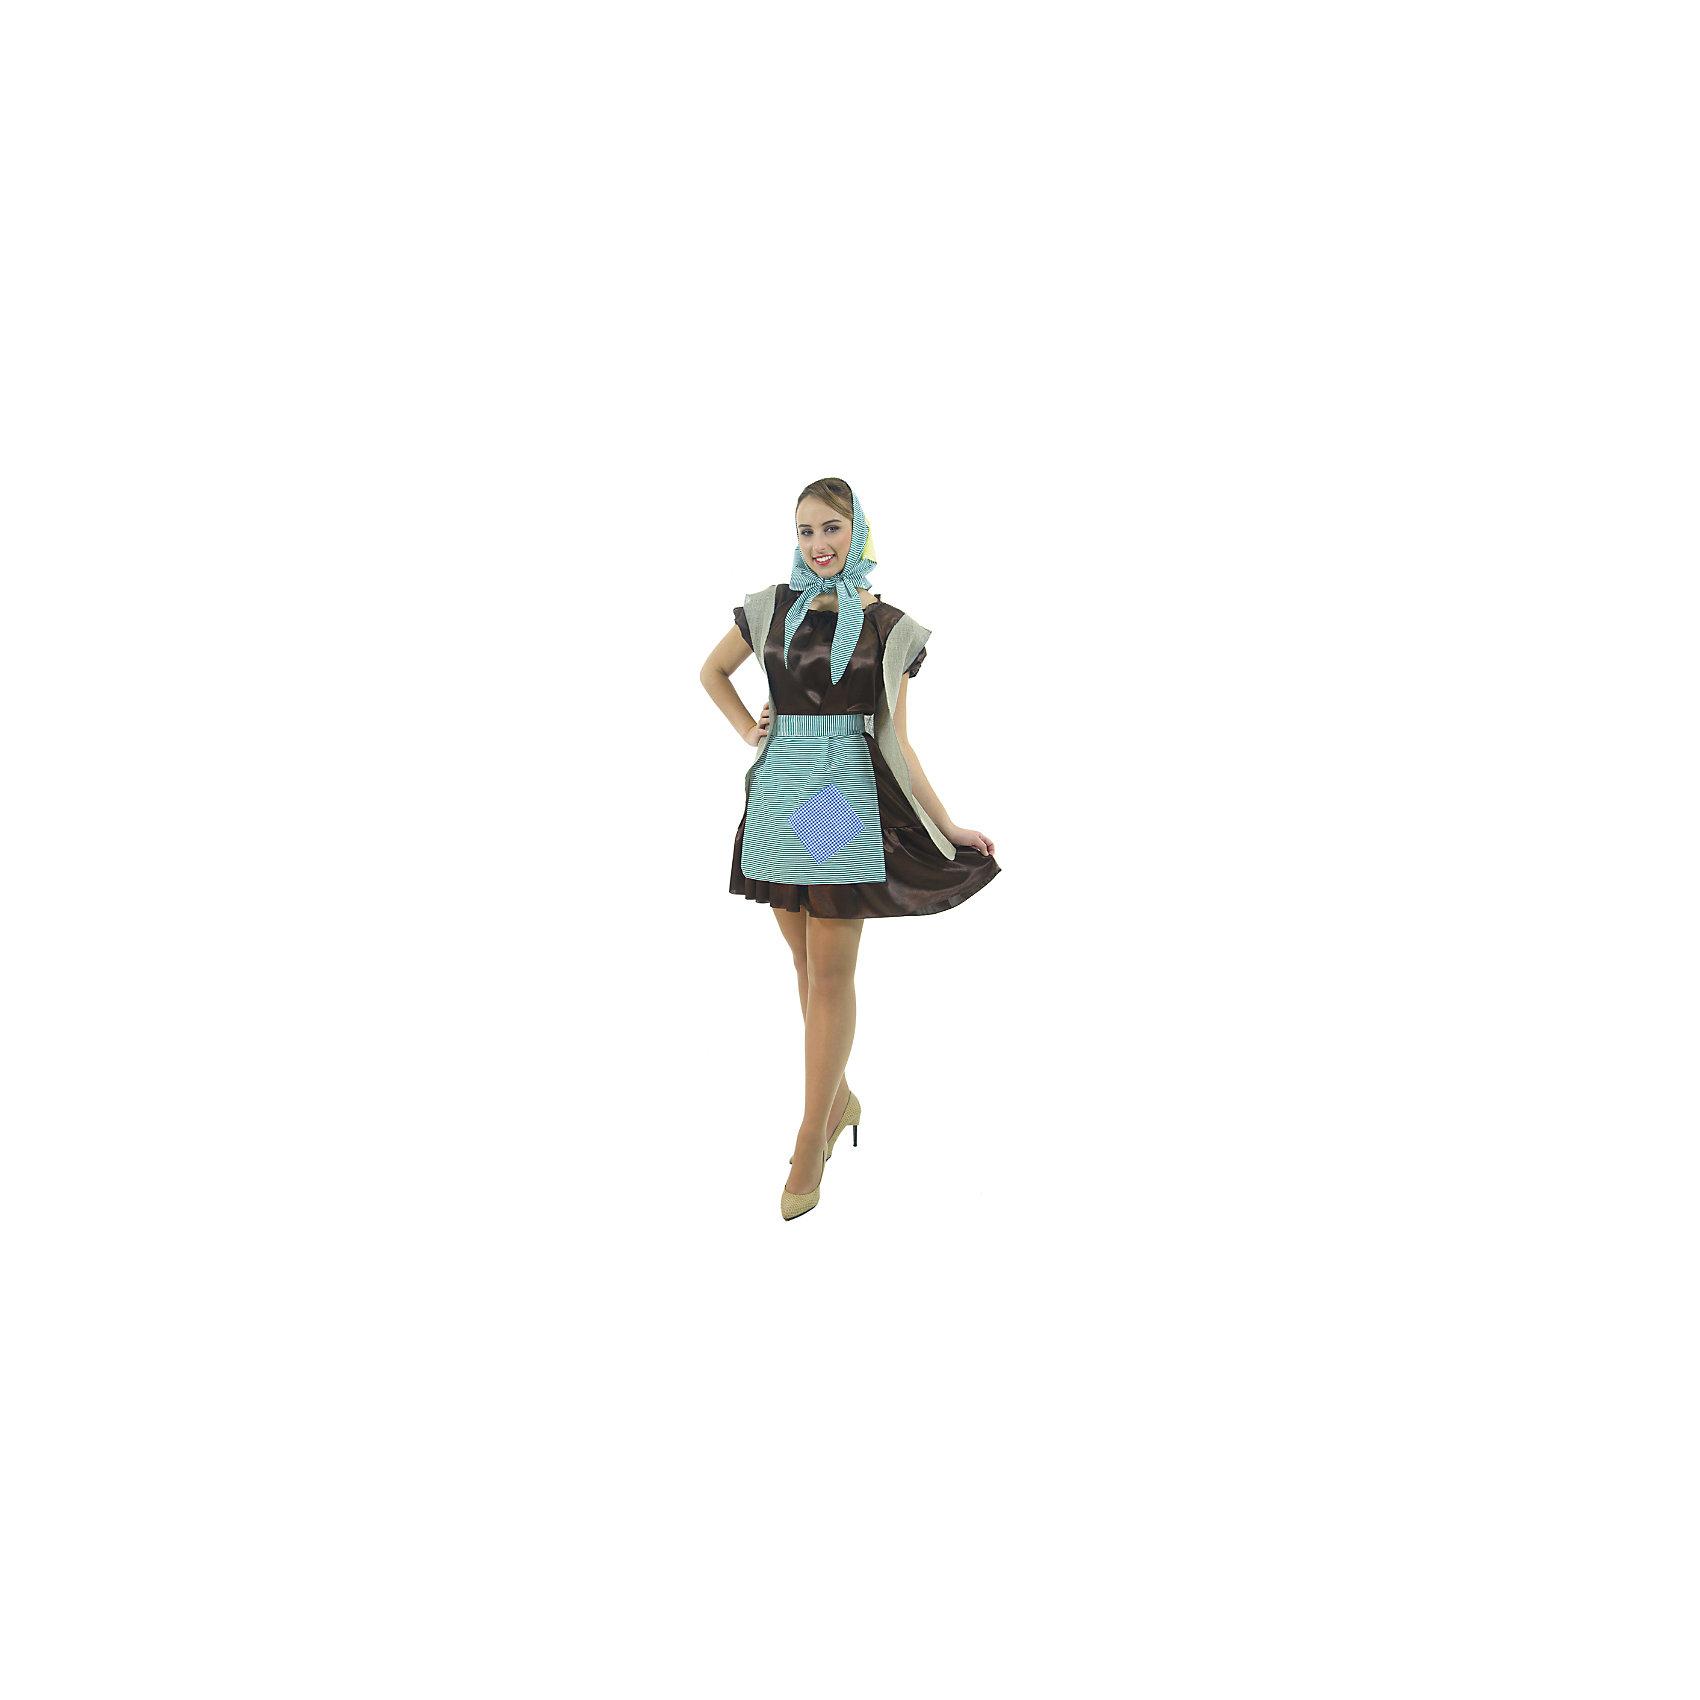 Вестифика Карнавальный костюм Баба Яга, Вестифика вестифика карнавальный костюм цыпленок вестифика